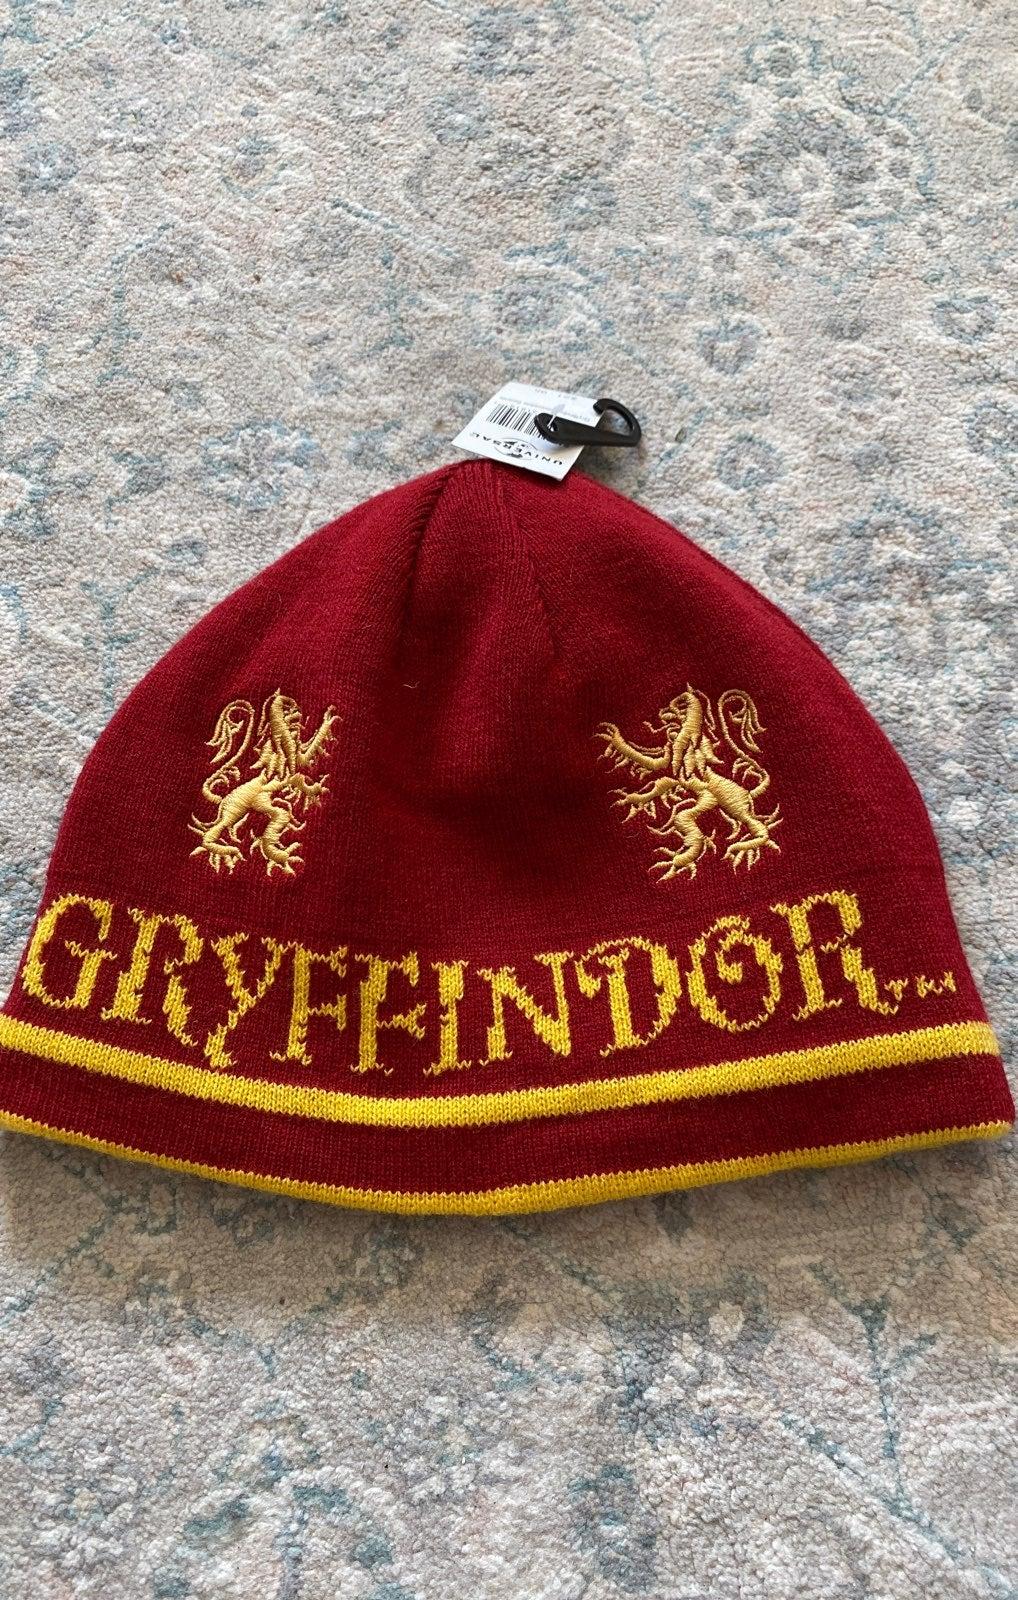 HP Gryffindor Reversible Beanie!